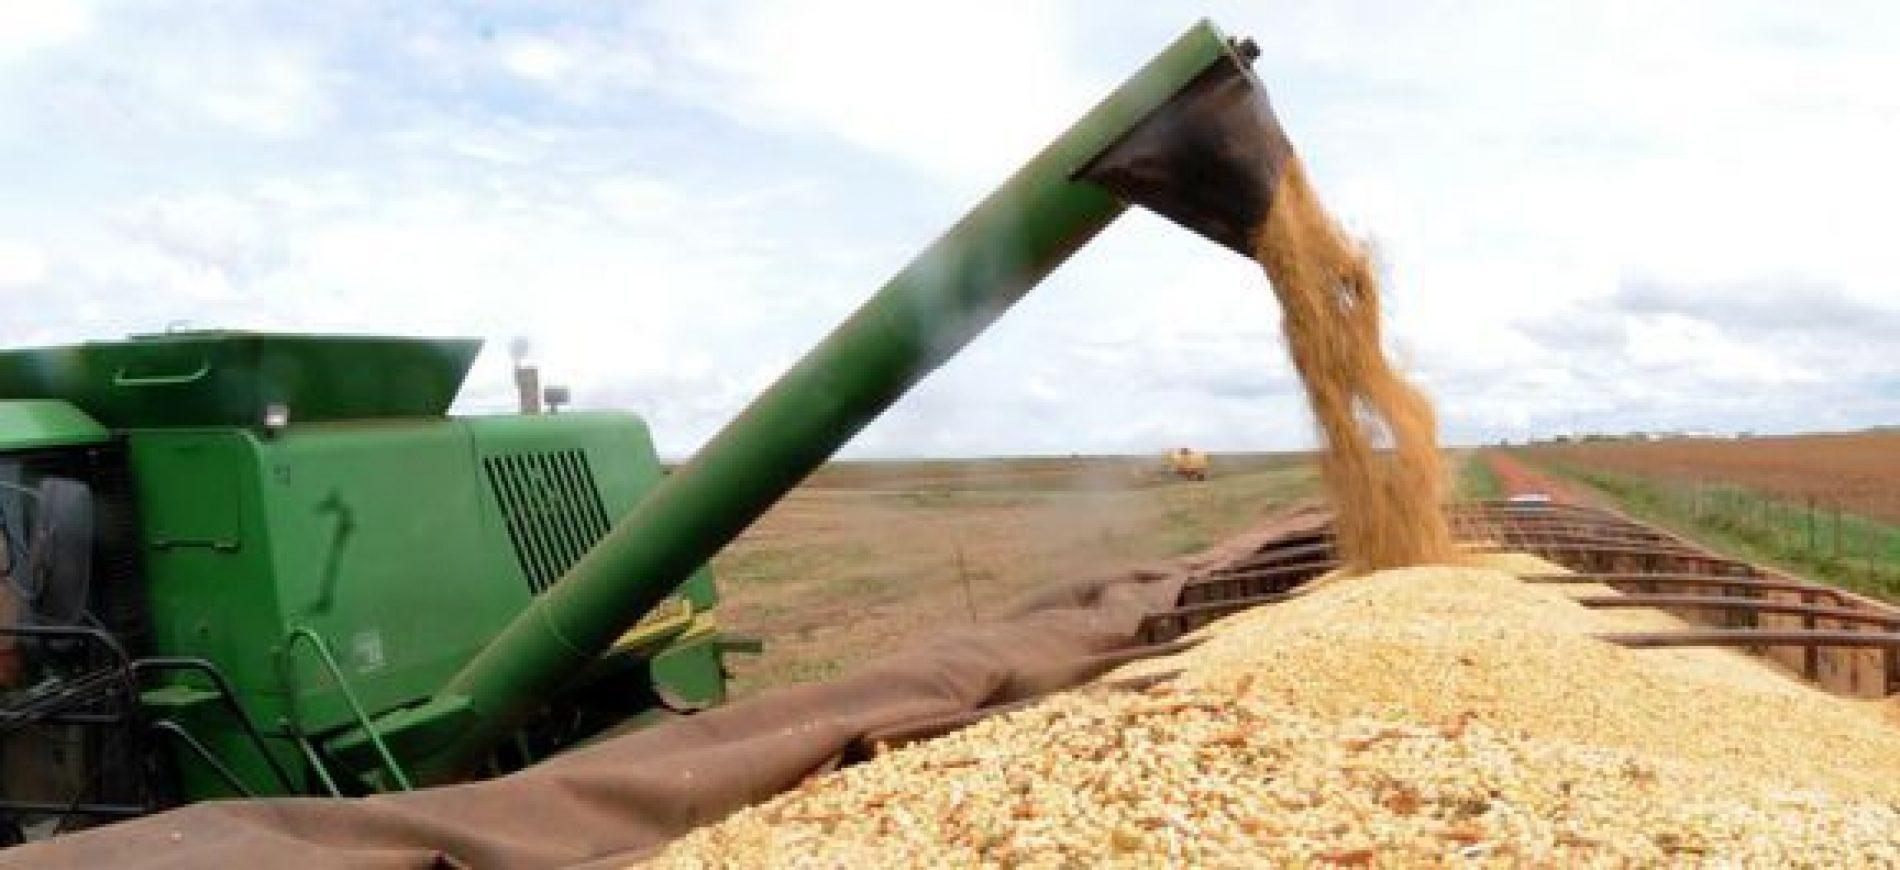 Valor da produção agropecuária brasileira deve ter queda de 5,2% em 2018